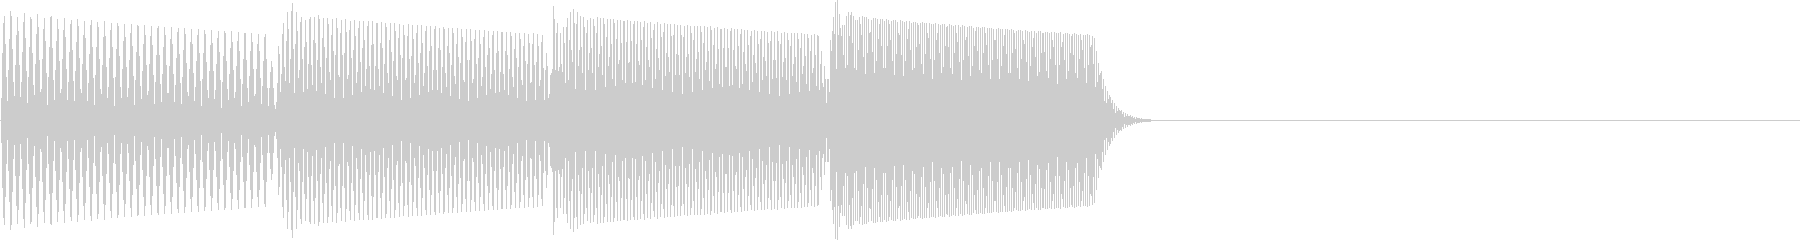 ピロリラ(決定、スタート、アイテム)の未再生の波形